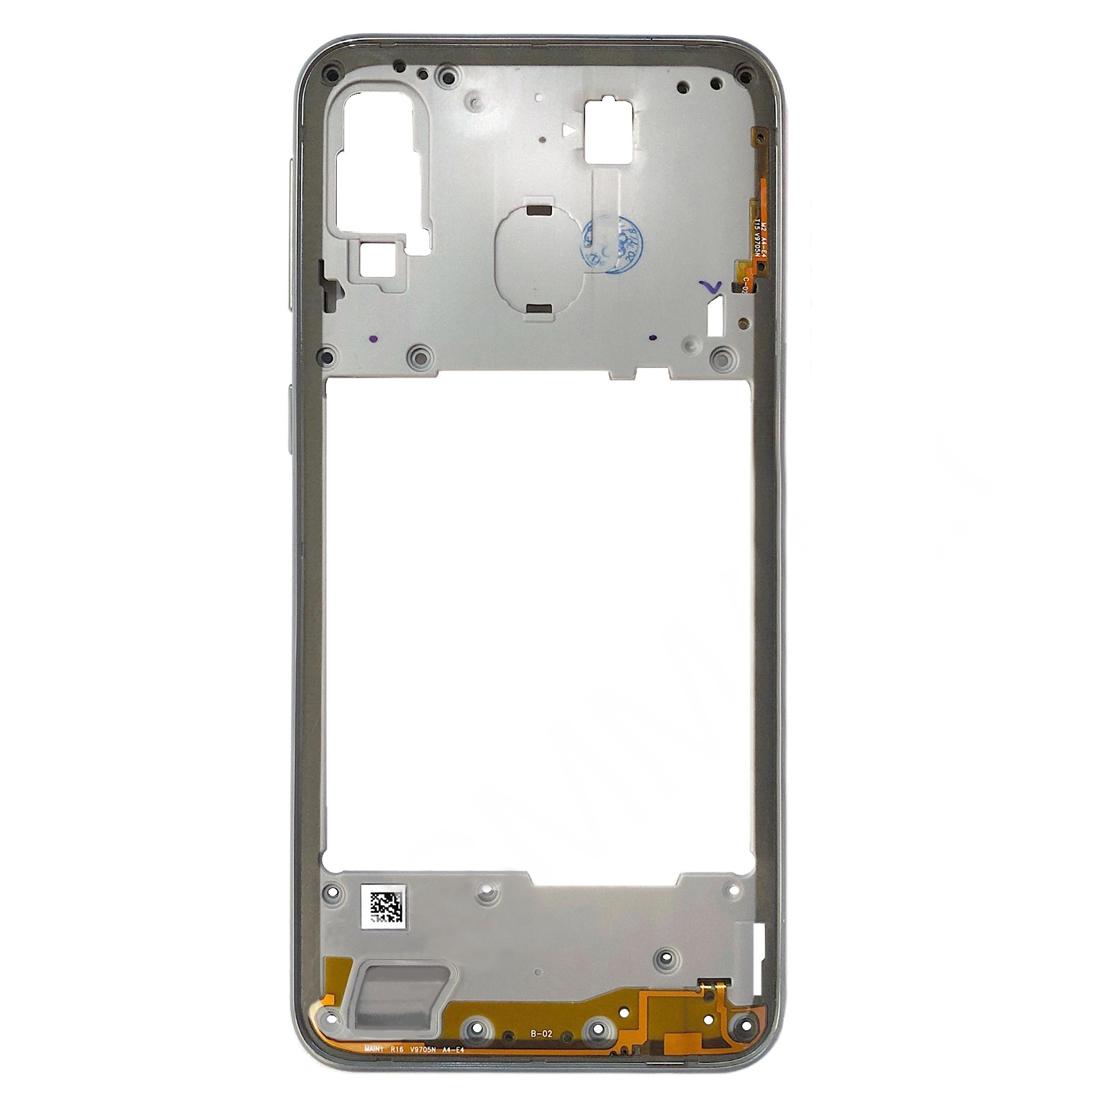 Carcasa intermedia para Samsung Galaxy A40 A405F – Gris